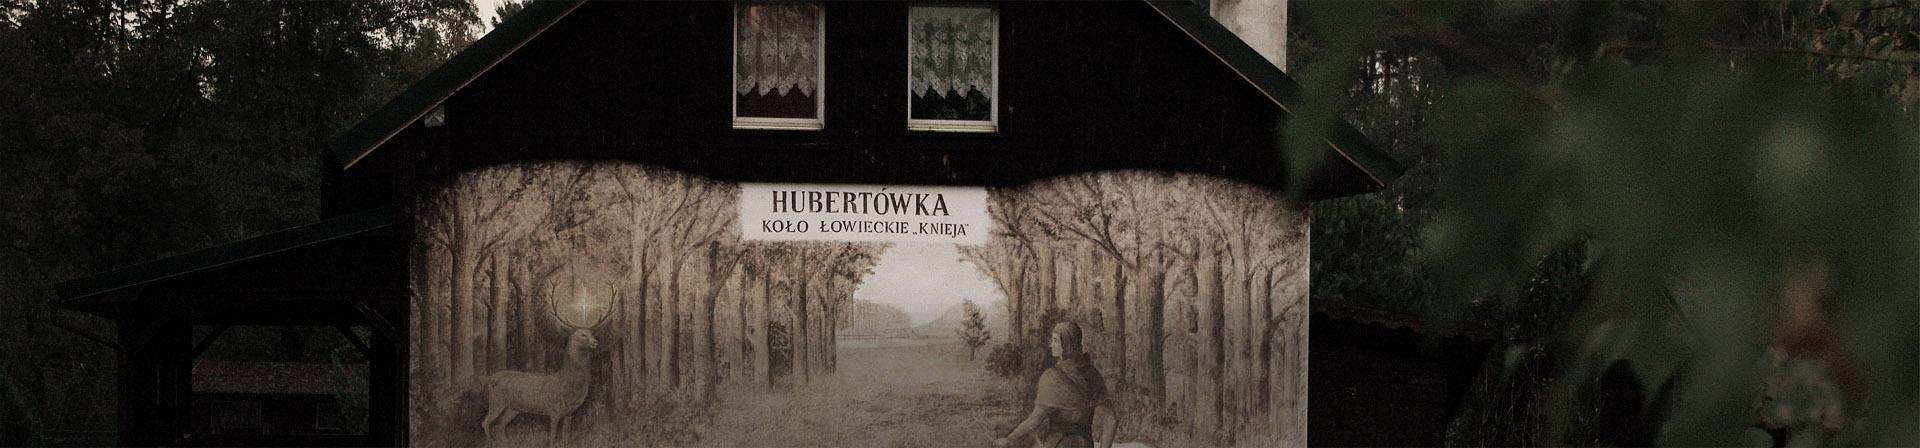 Hubertówka w Malerzowie